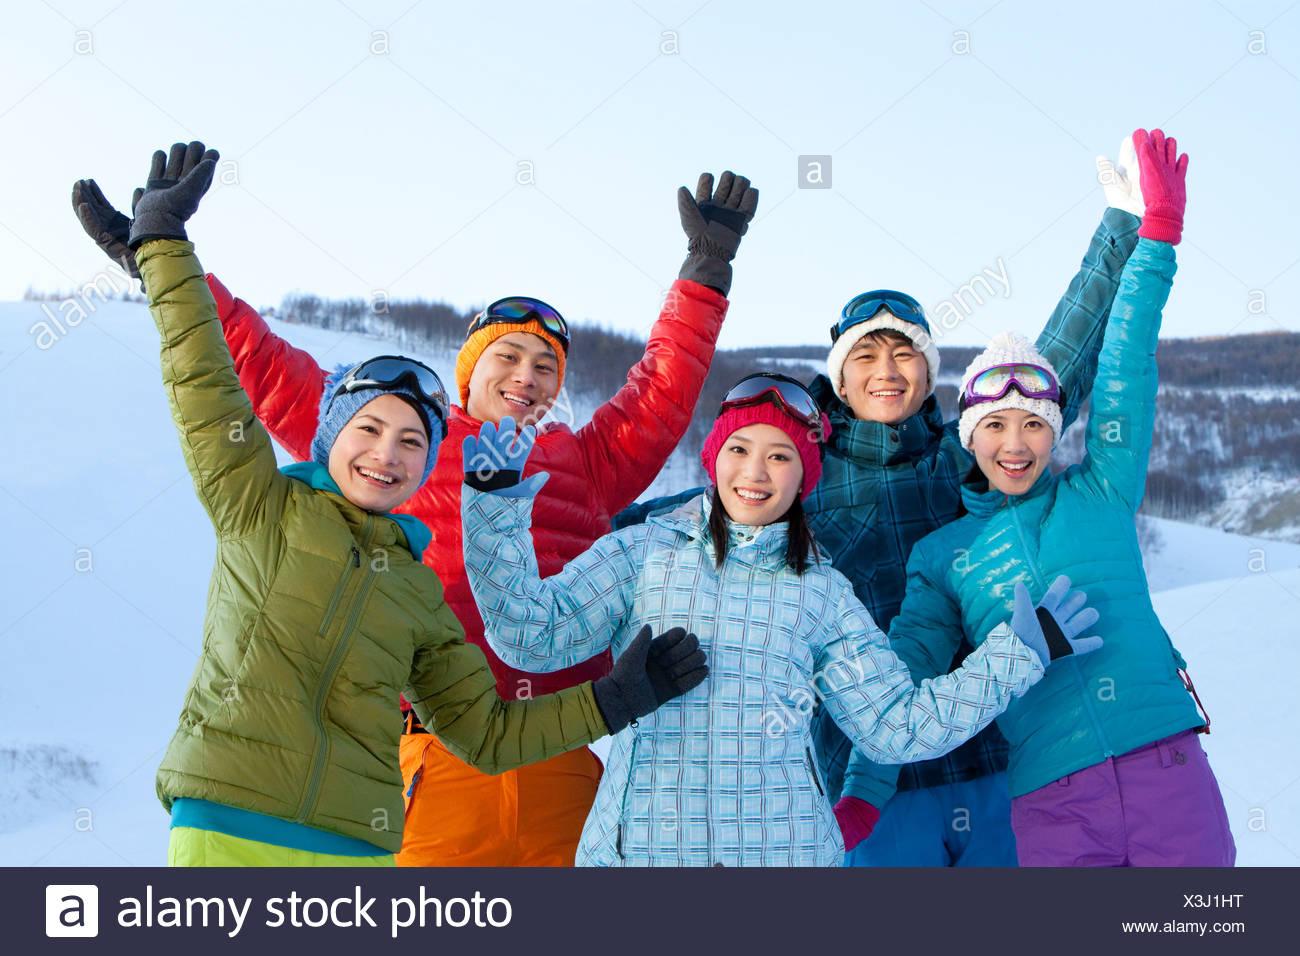 Junge Menschen im Skigebiet Stockbild